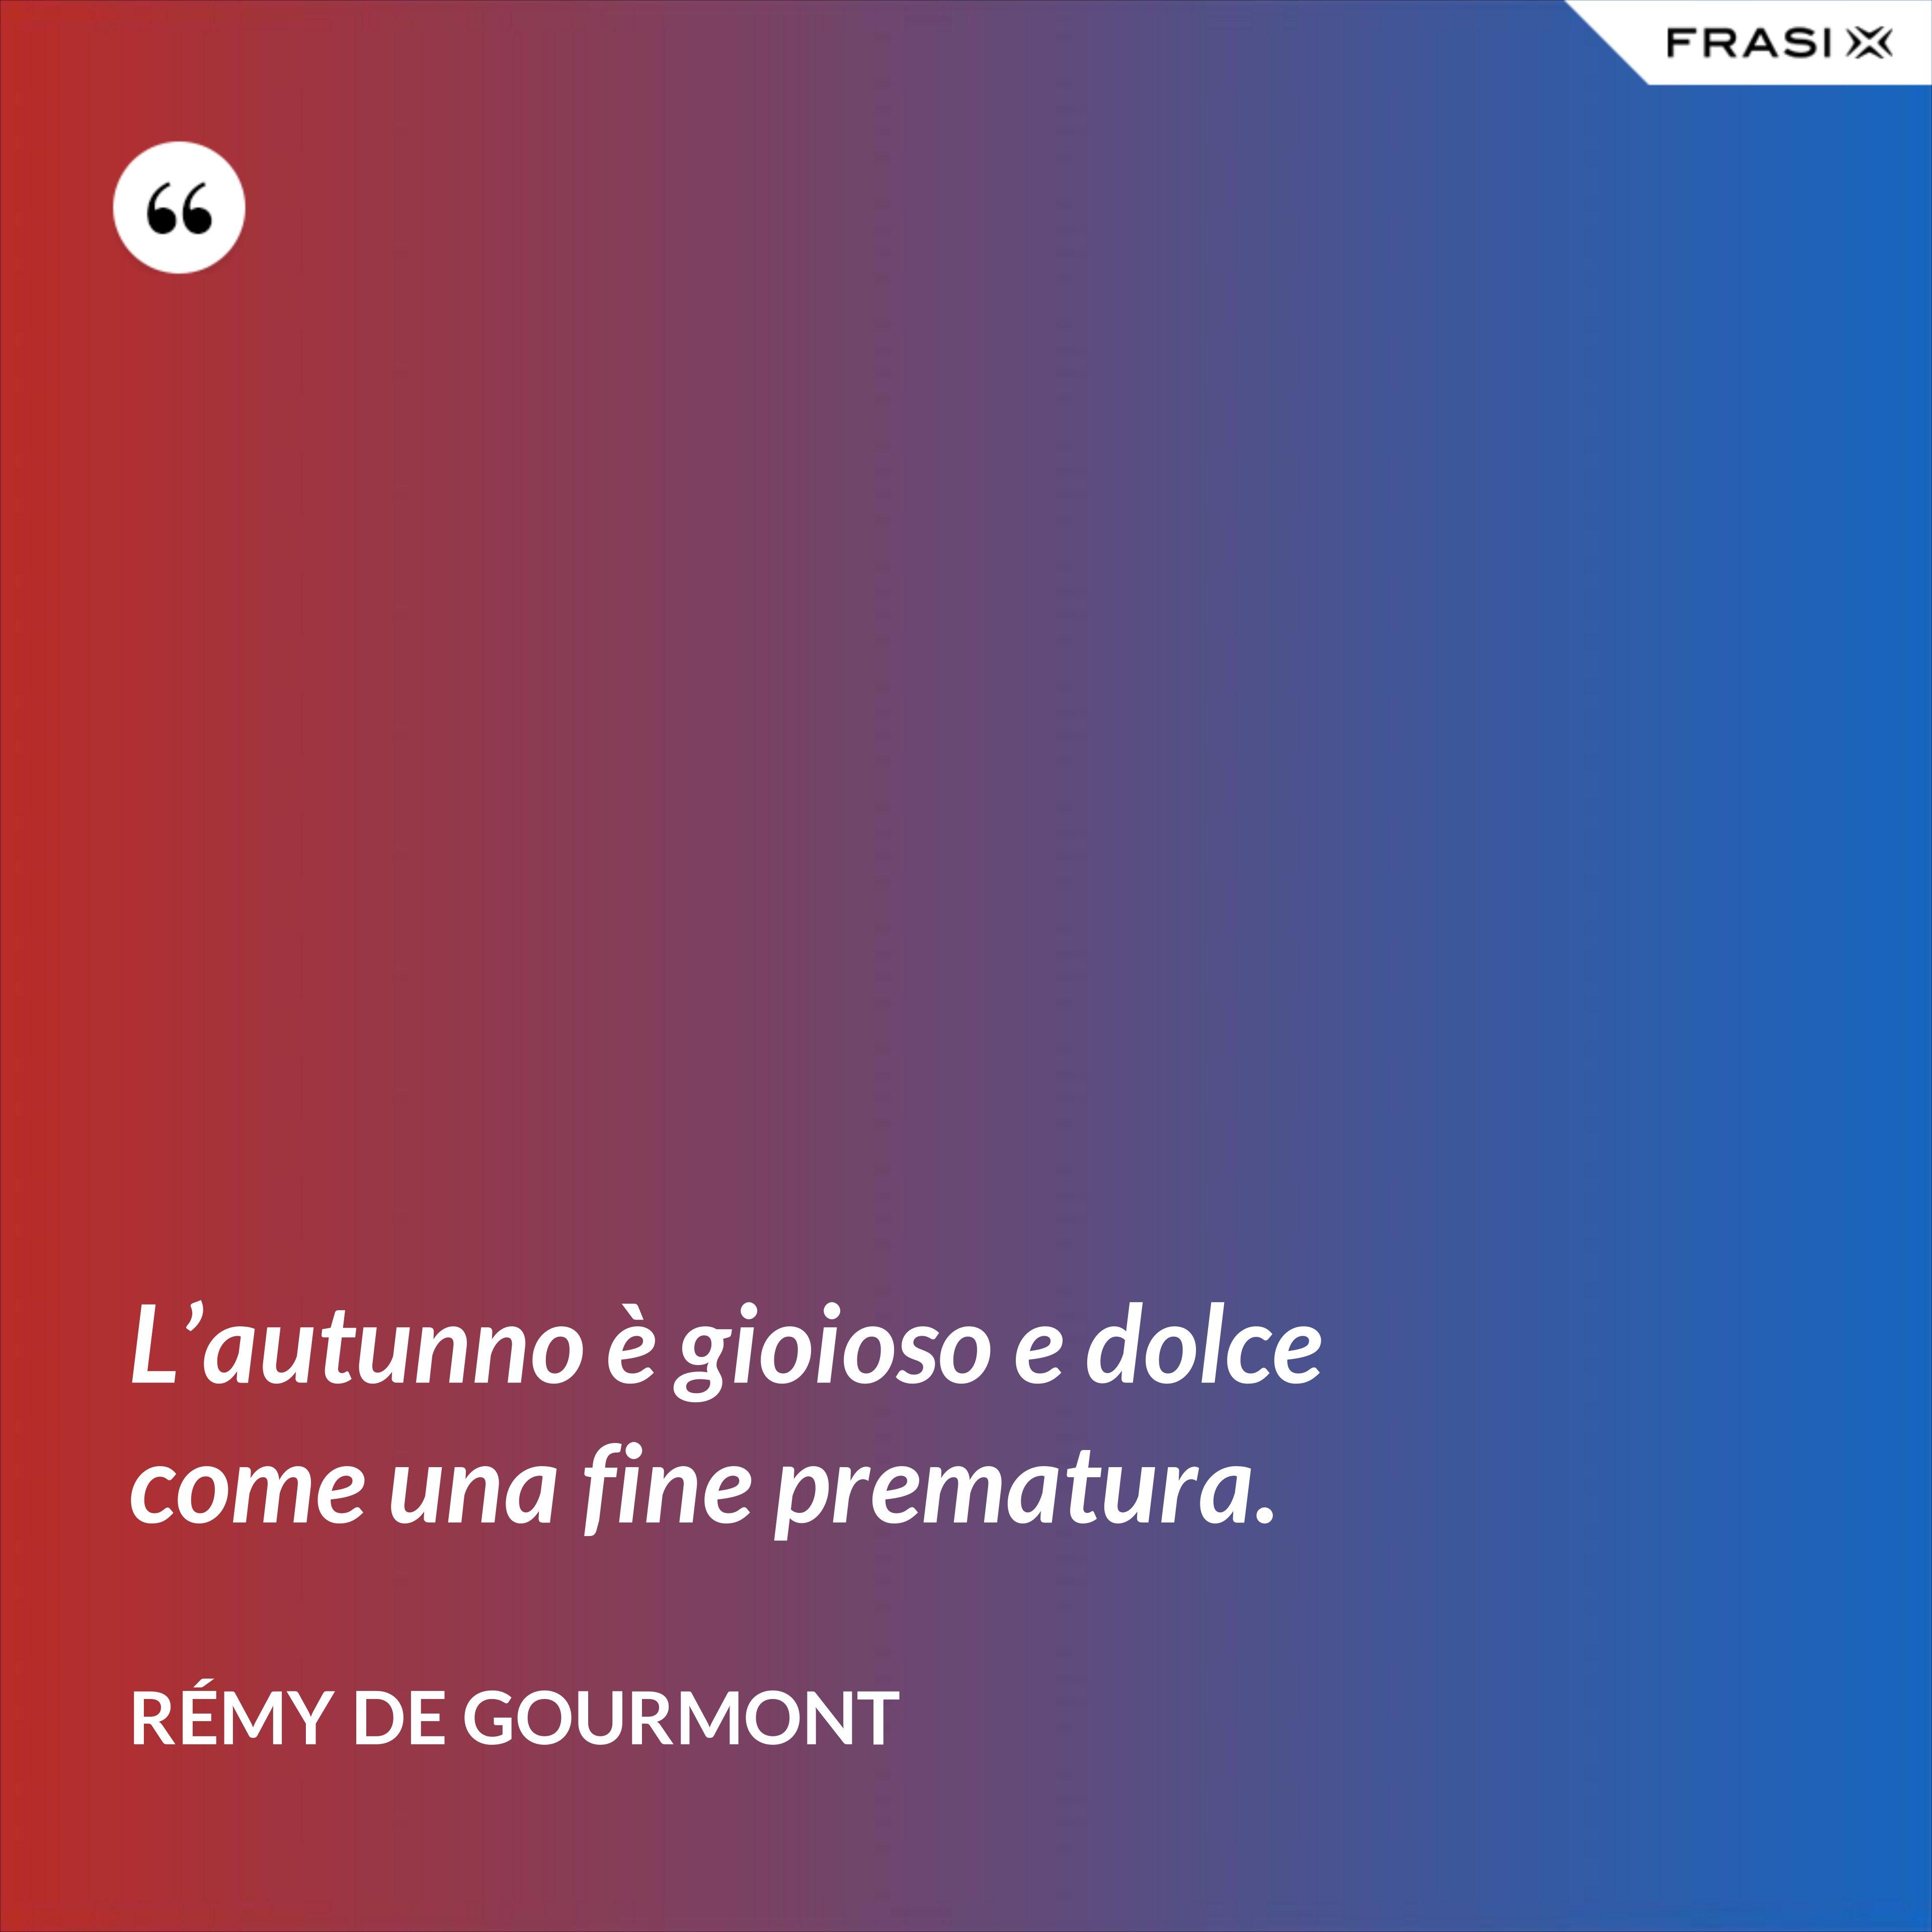 L'autunno è gioioso e dolce come una fine prematura. - Rémy de Gourmont